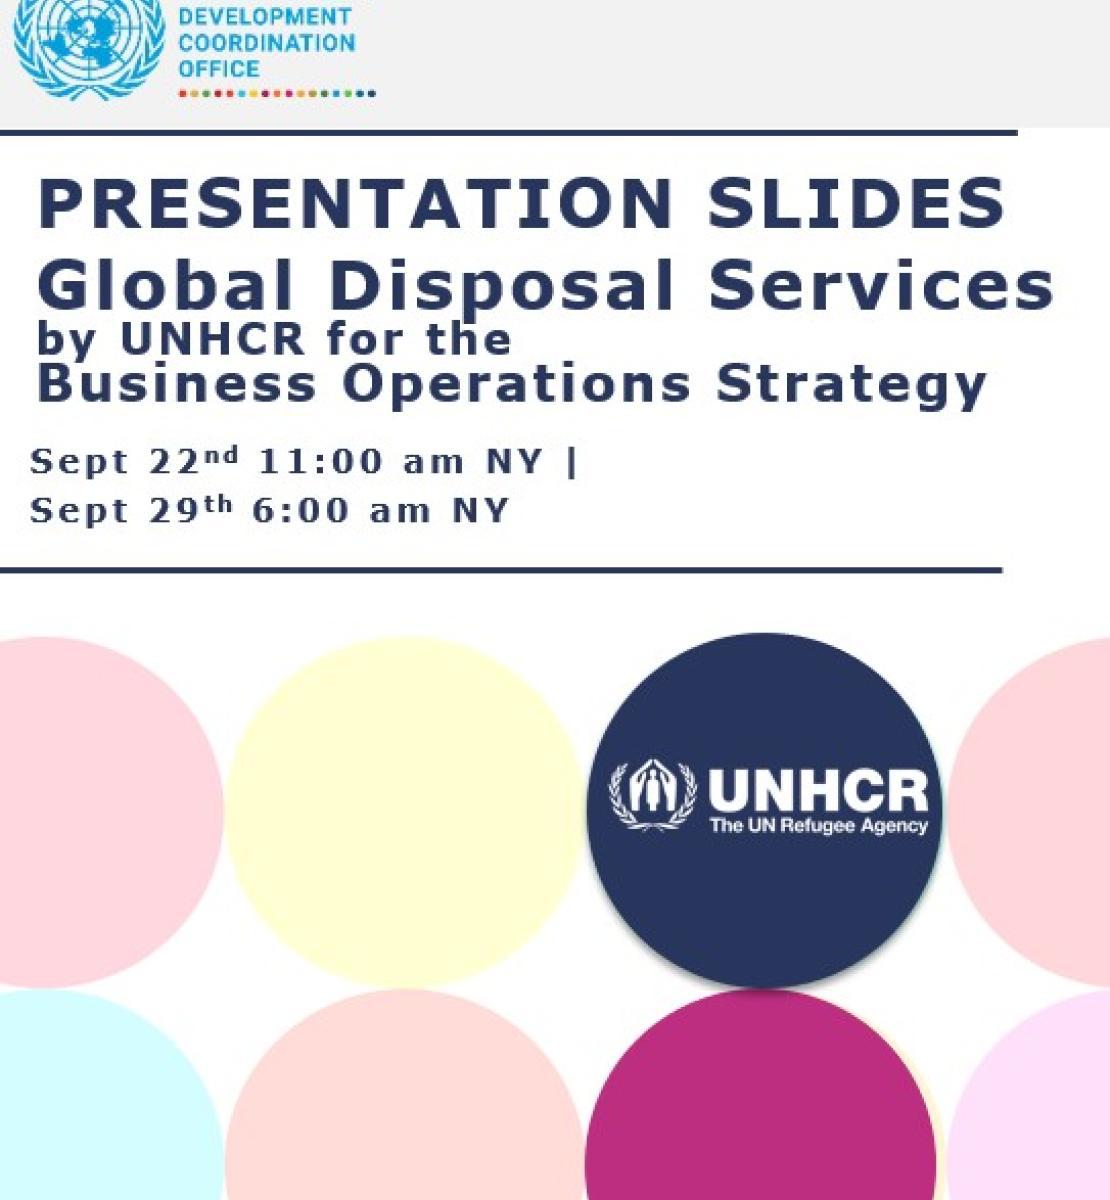 غلاف مع عنوان الوثيقة ودوائر ملونة وشعار مجموعة الأمم المتحدة للتنمية المستدامة ومفوضية الأمم المتحدة لشؤون اللاجئين.